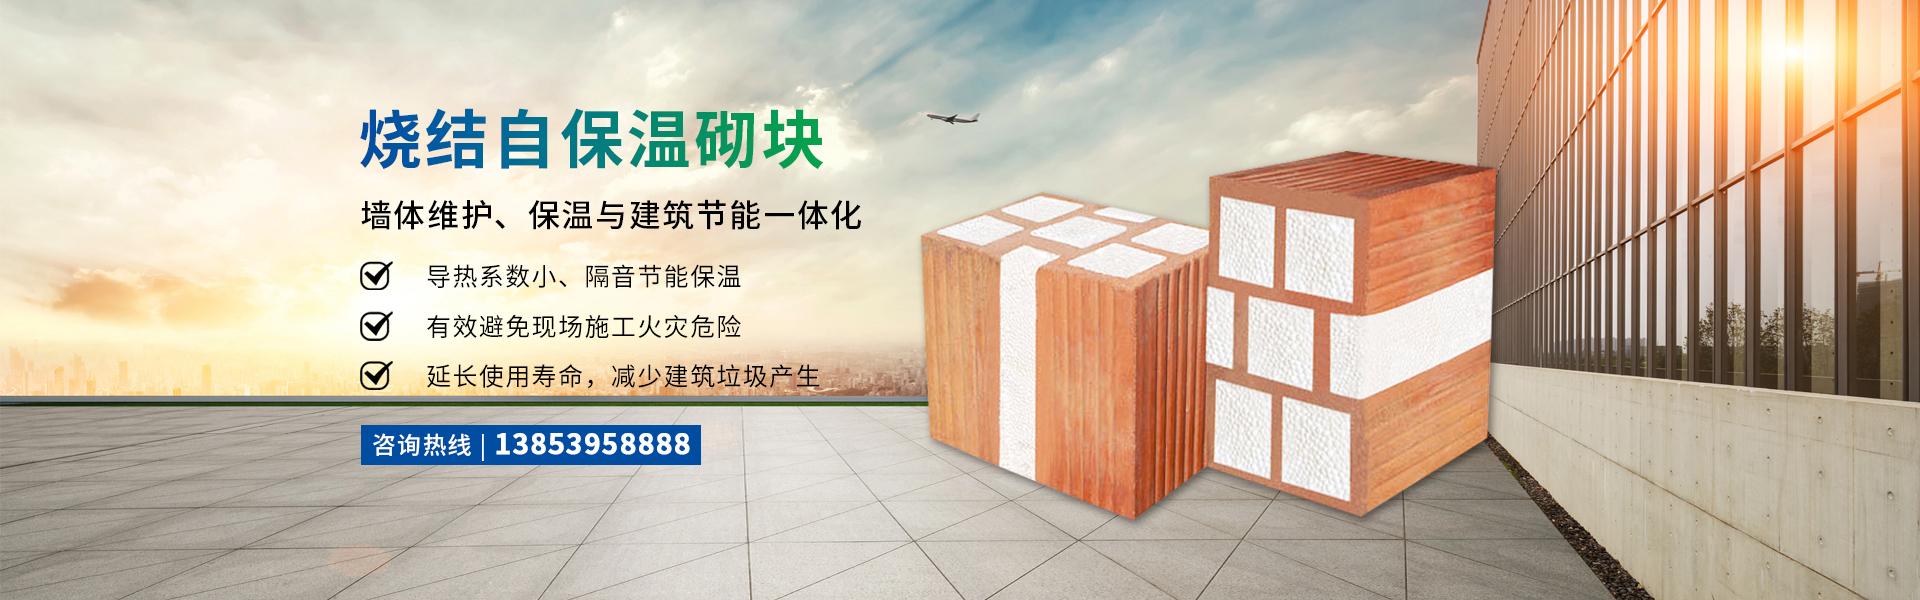 燒結自保溫砌塊,保溫磚廠家,山東燒結自保溫砌塊,天翱節能保溫科技